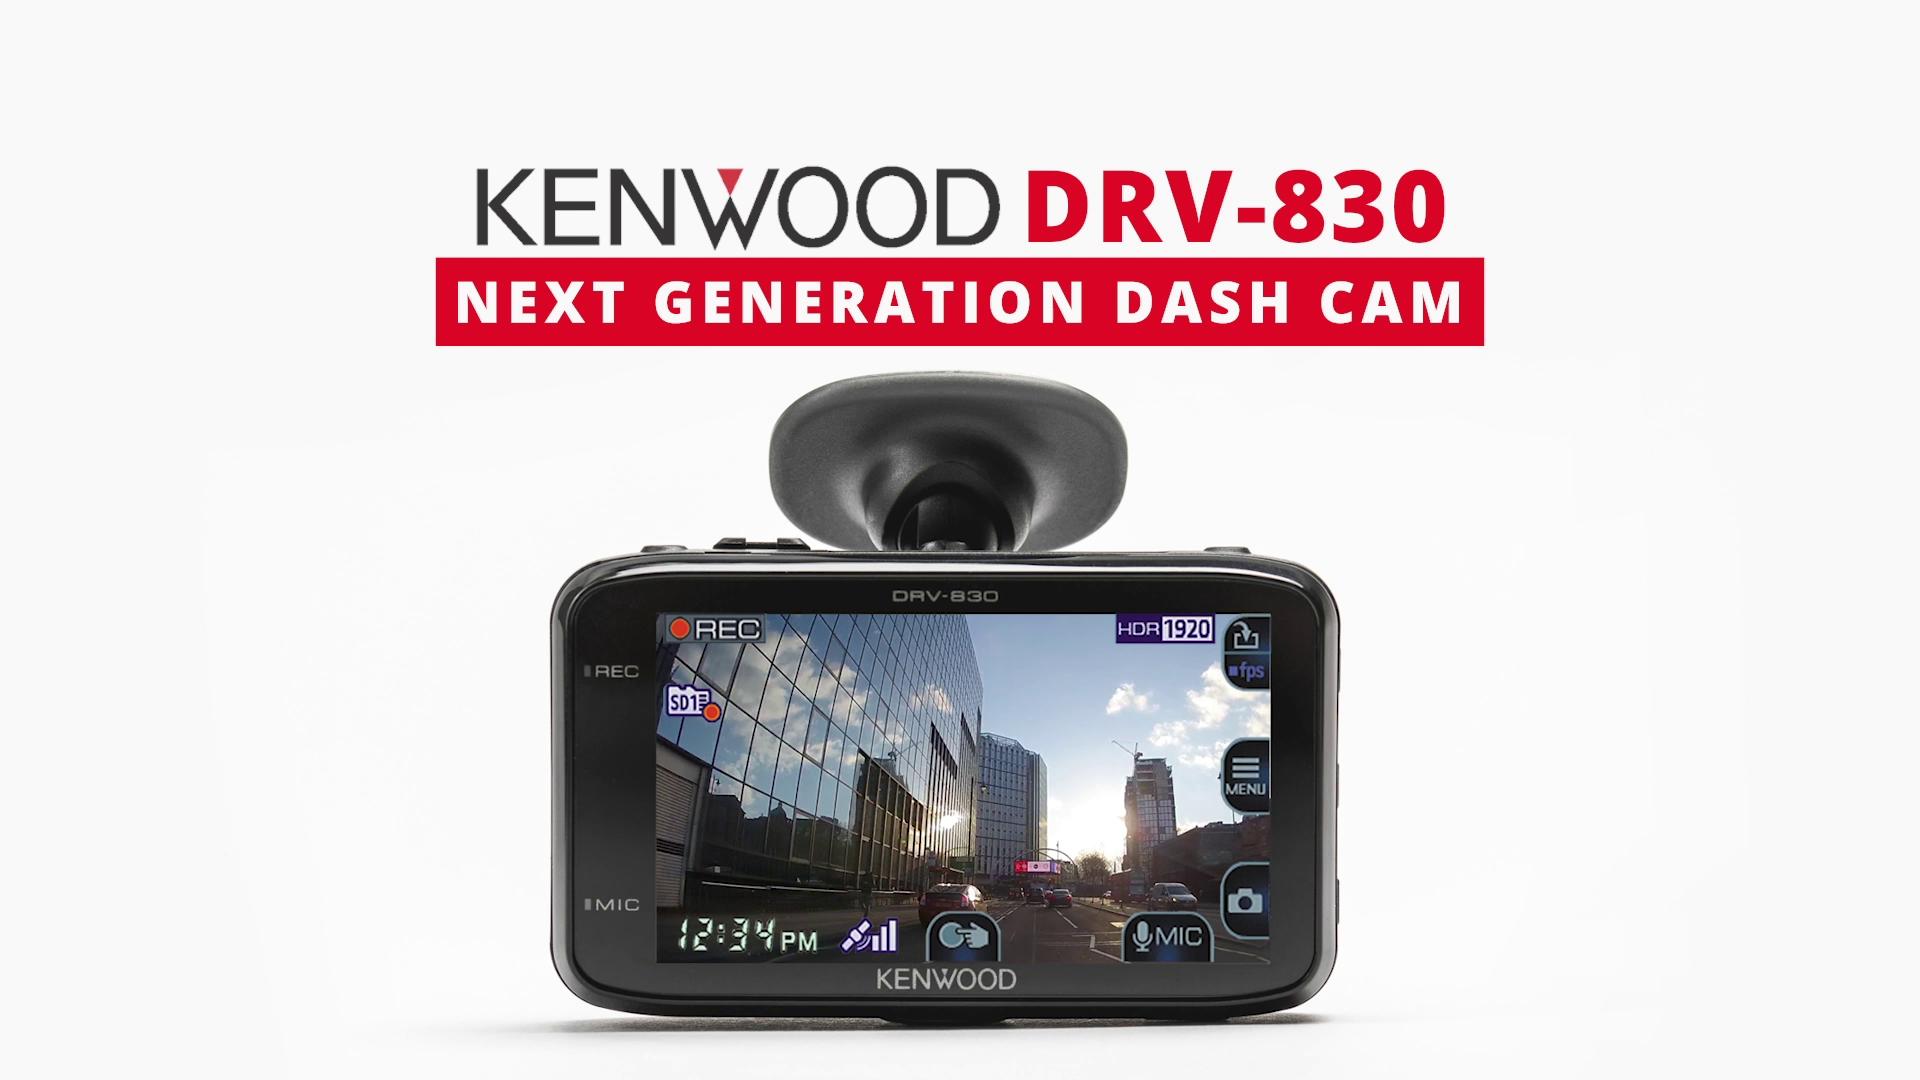 DRV-830 dash cam • KENWOOD UK